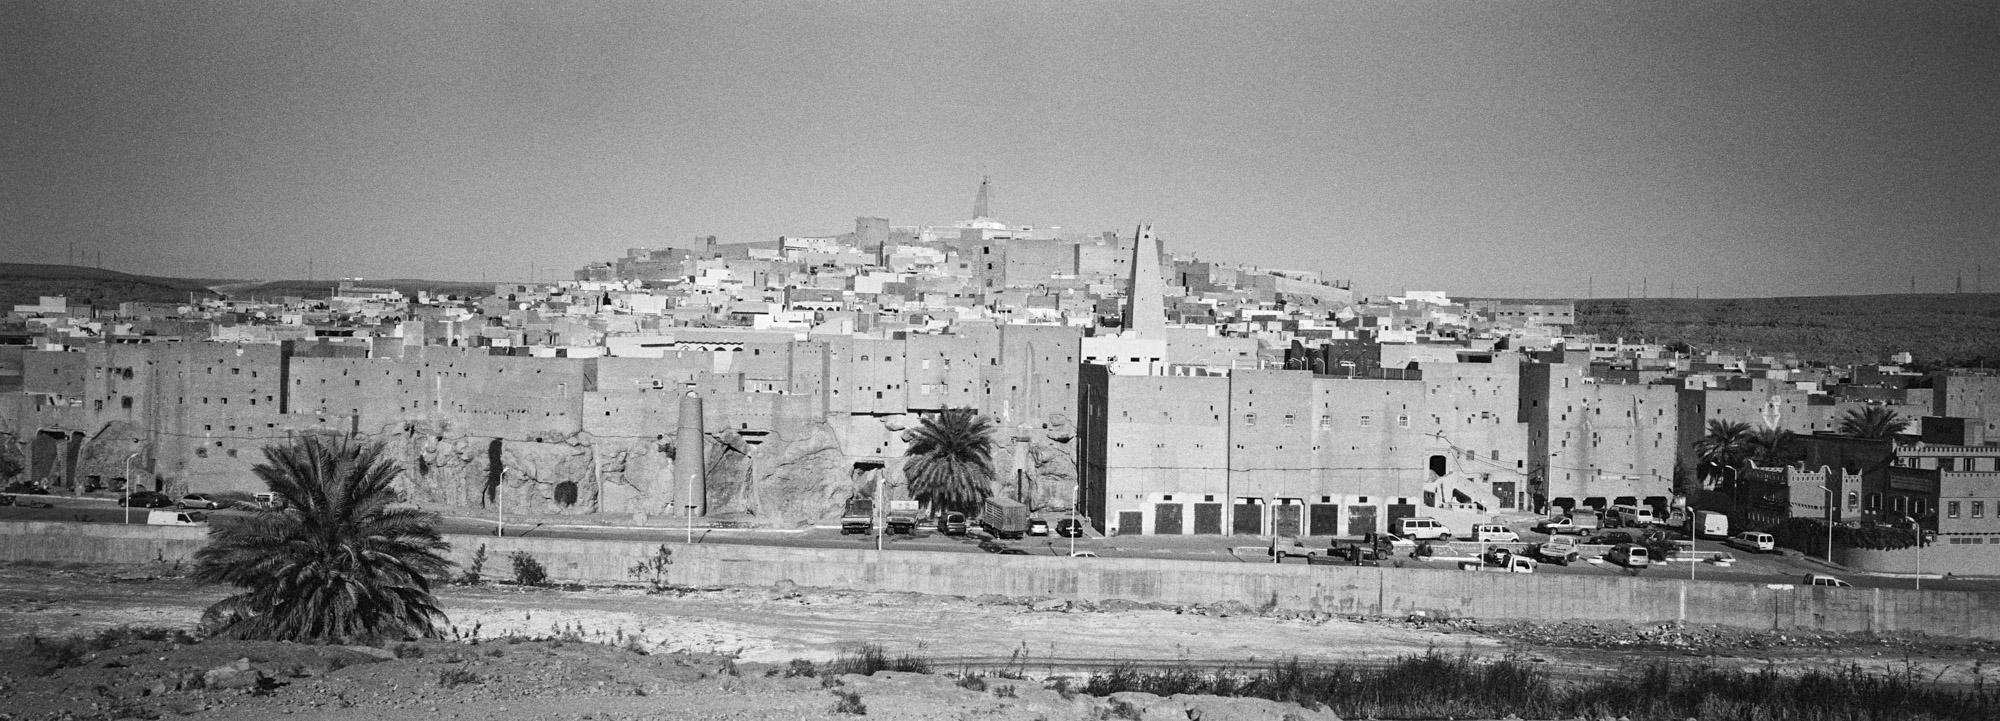 Ksar de Bou Noura dans la vallée du Mzab dans la wilaya de Ghardaïa. 2/02/2016, Bou Noura-ALGERIE.